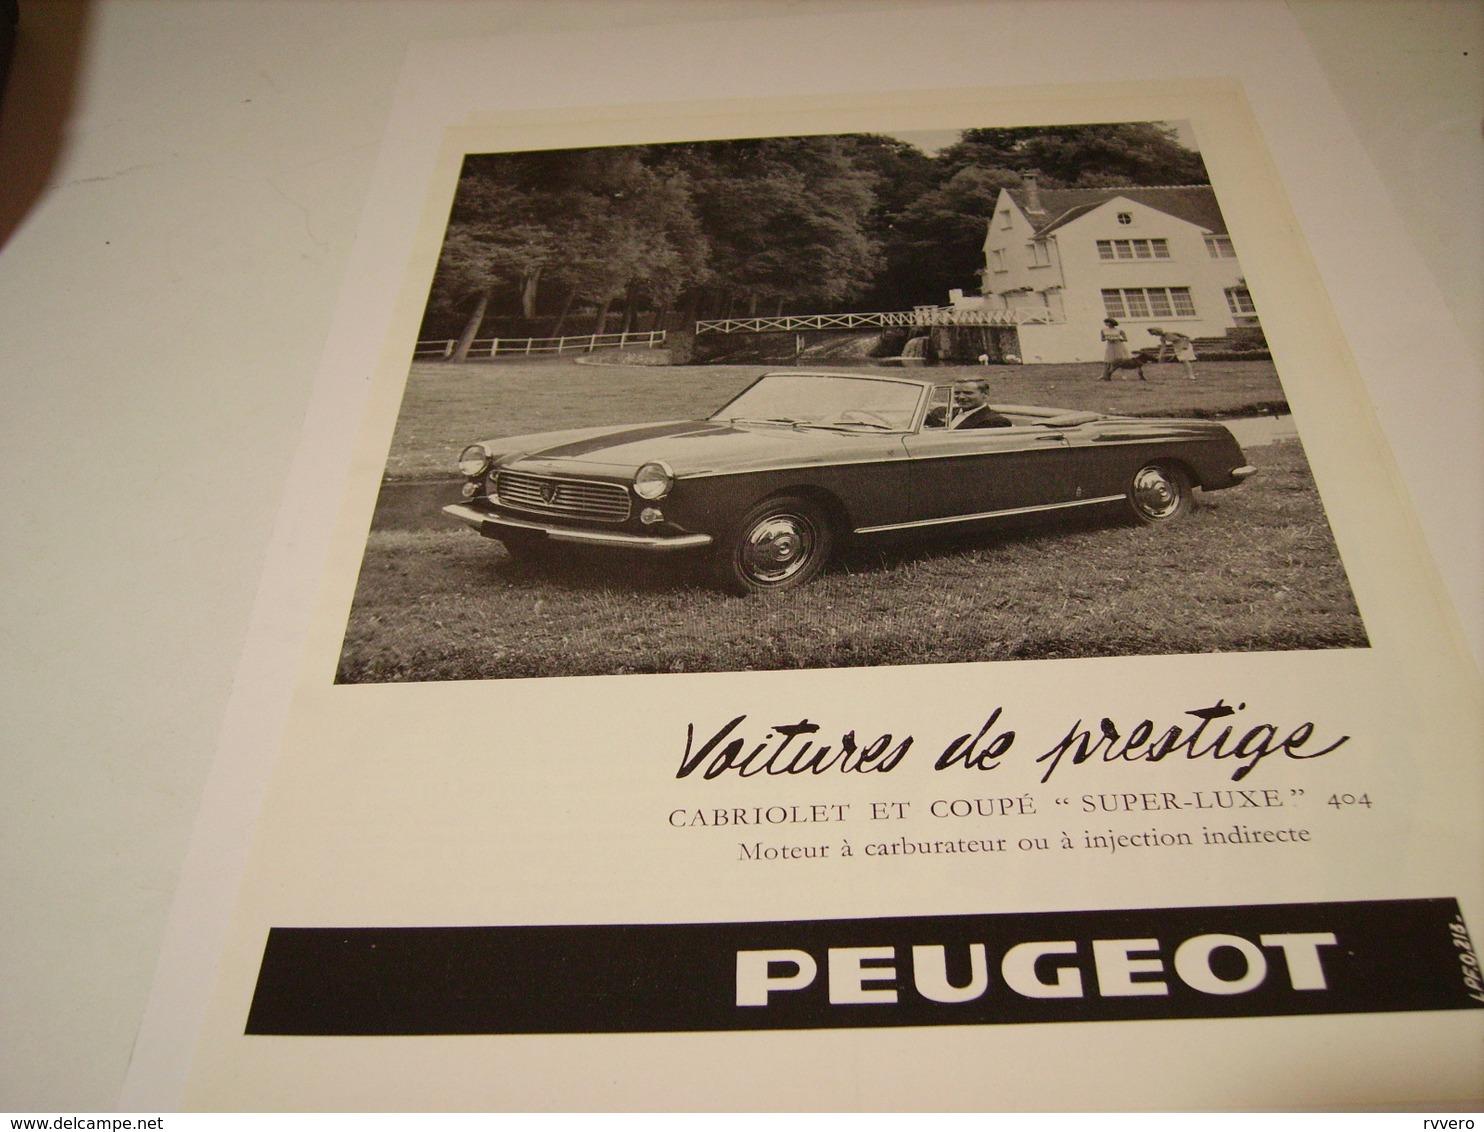 ANCIENNE PUBLICITE VOITURE DE PRESTIGE 404  PEUGEOT  1965 - Voitures